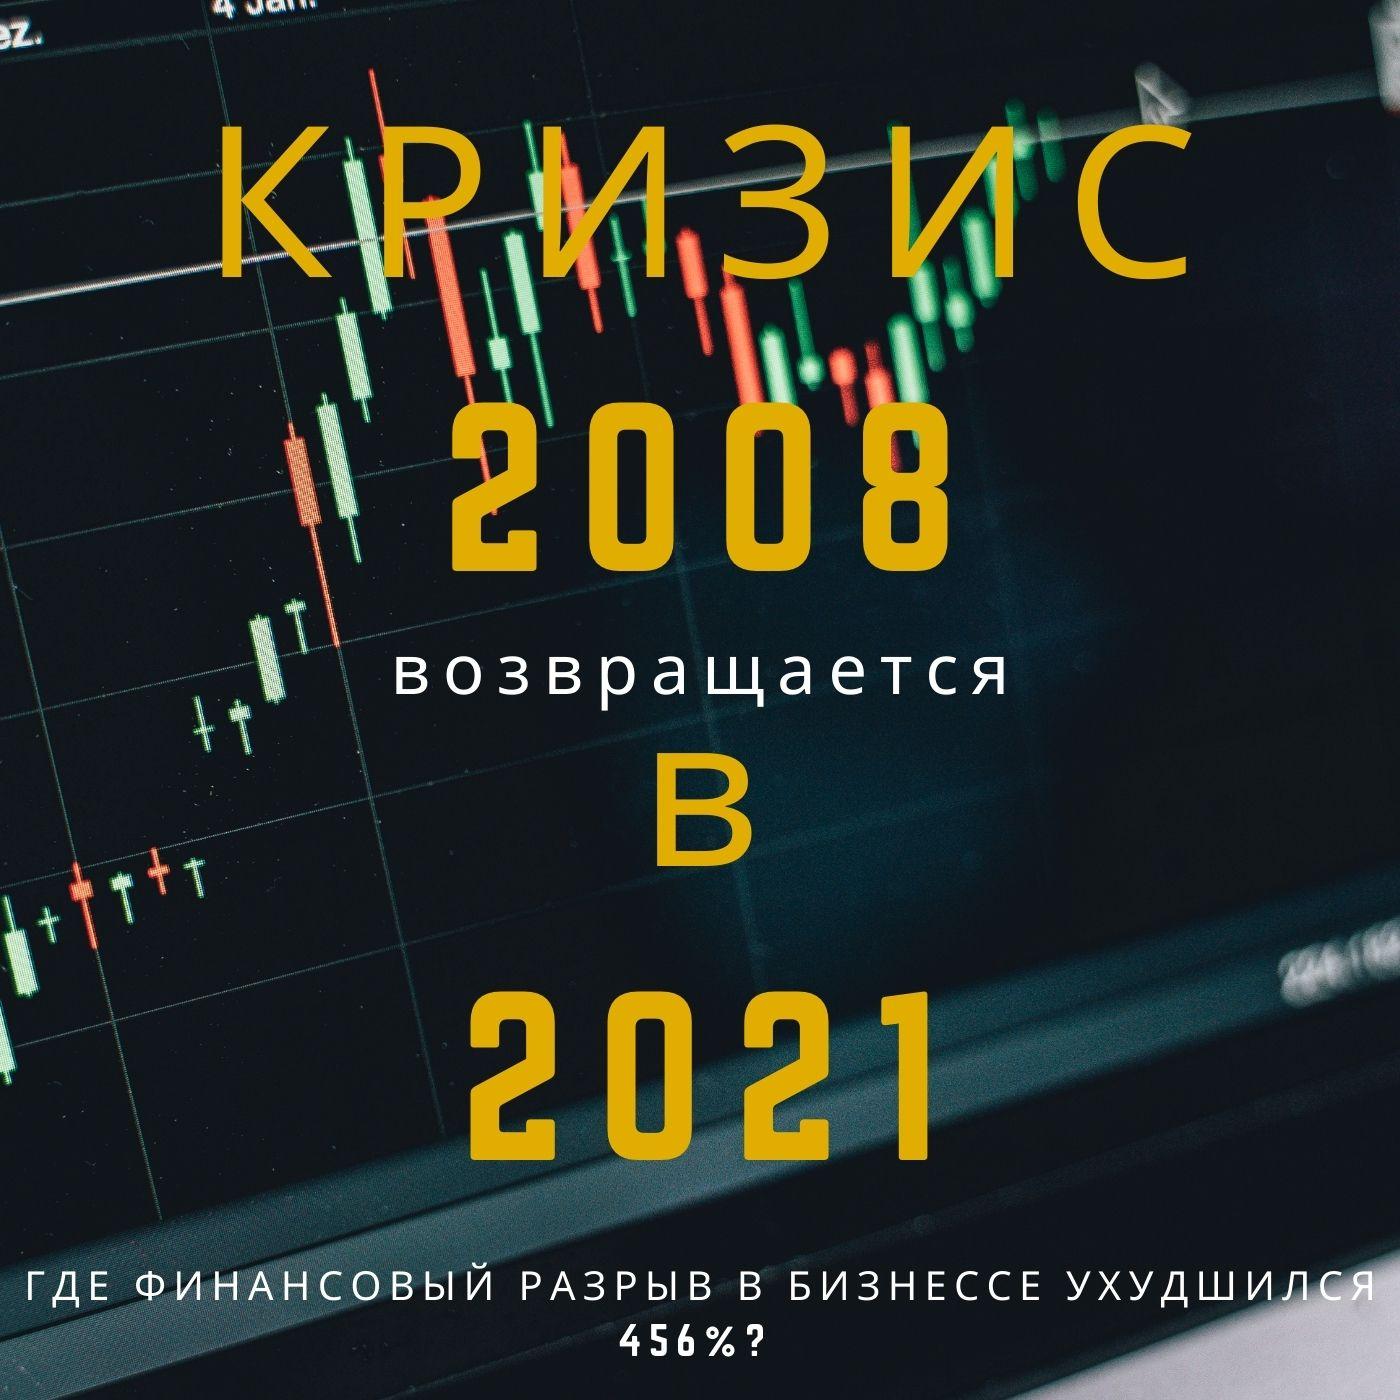 Кризис 2008 года возвращается, неужели поддержка государством малого и среднего бизнеса не увенчалась успехом?